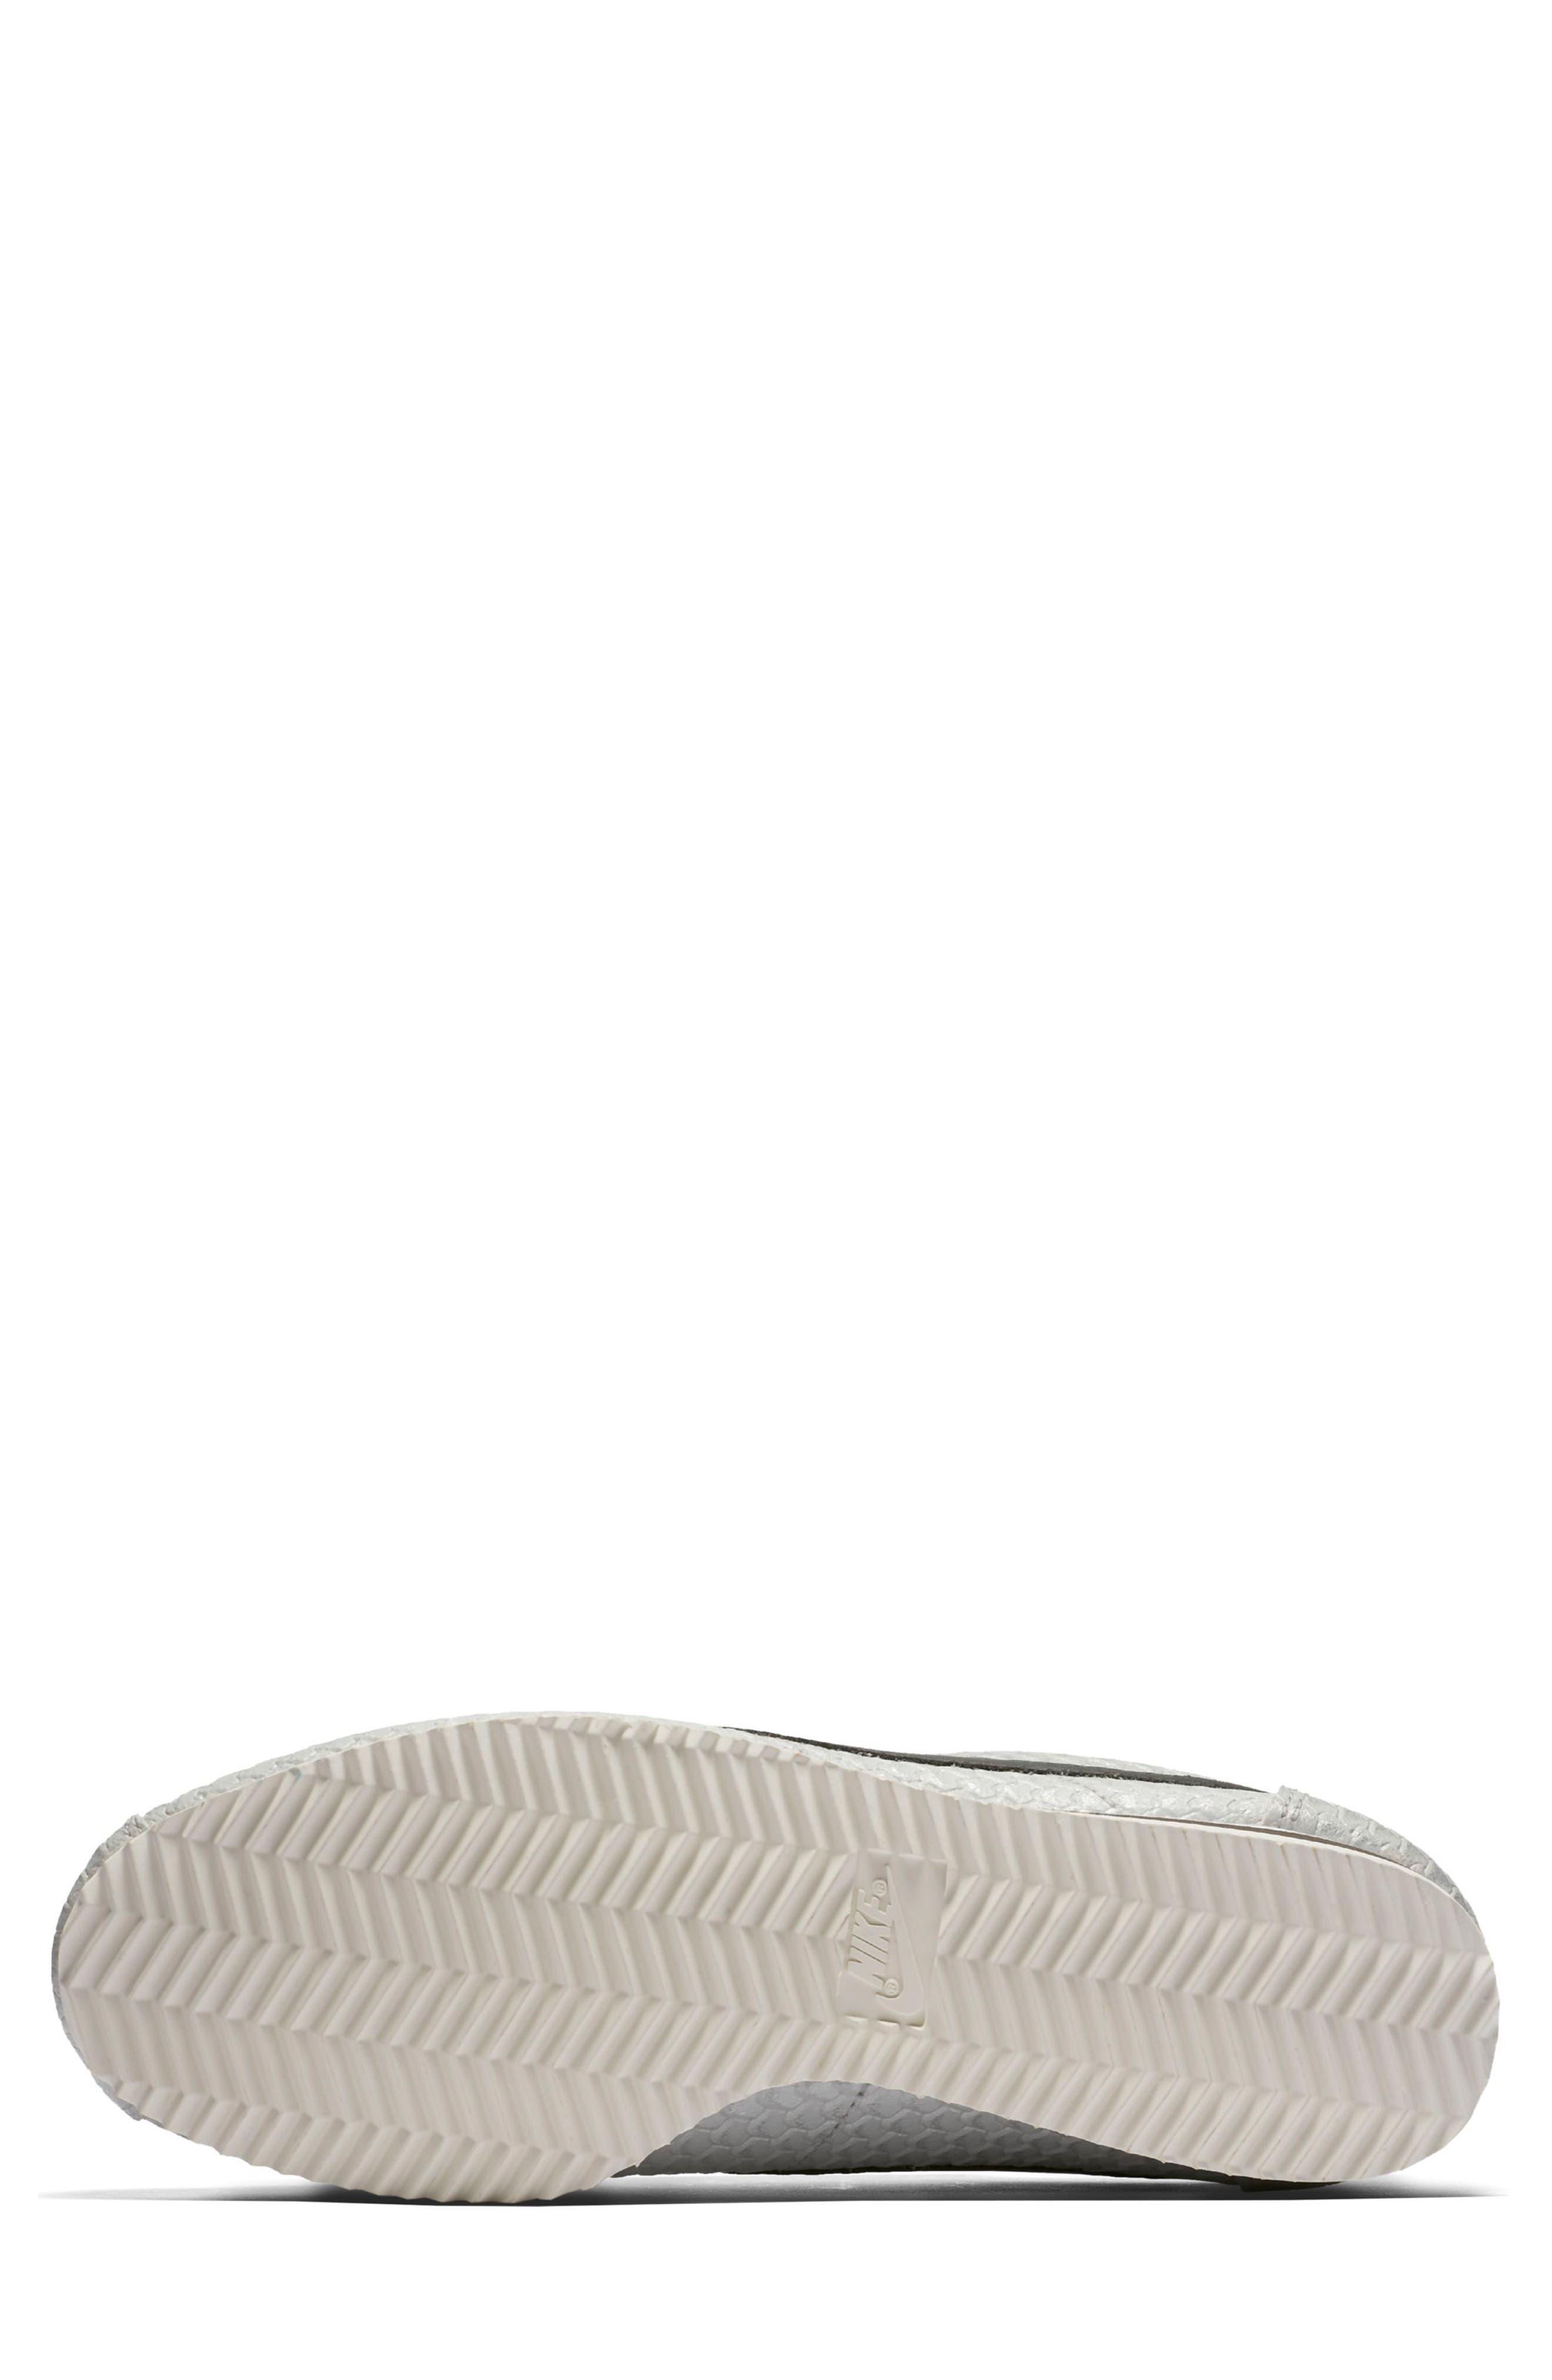 Classic Cortez SE Sneaker,                             Alternate thumbnail 5, color,                             031